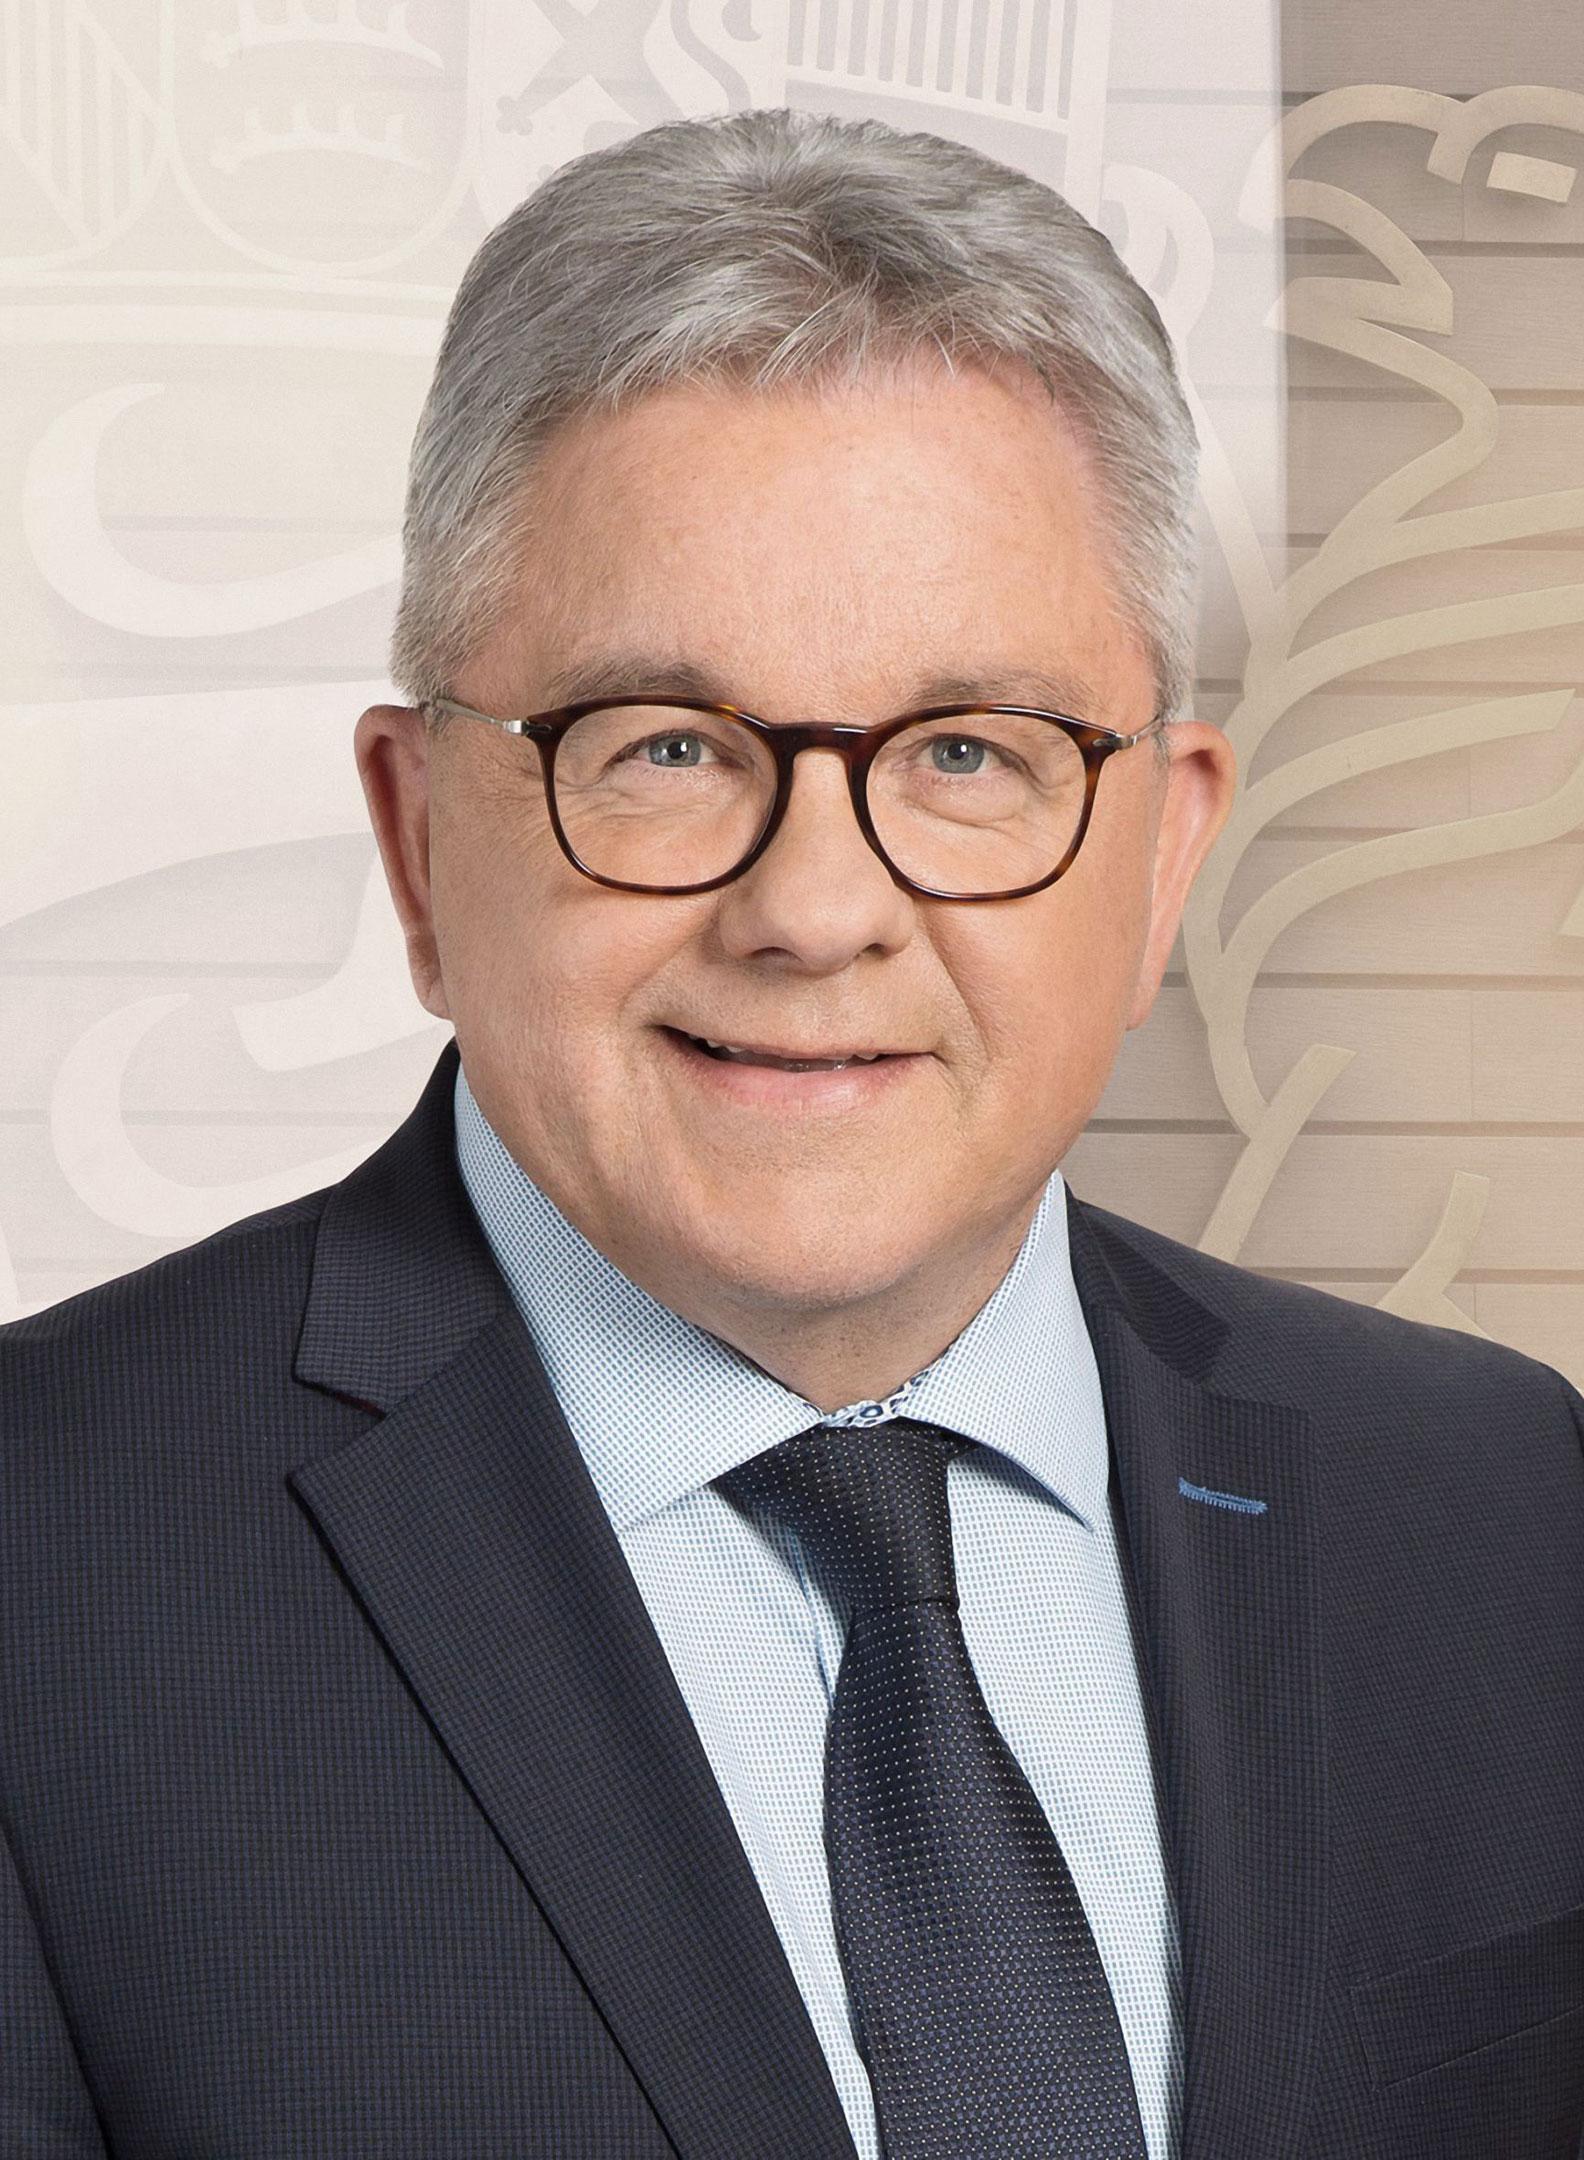 Guido Wolf